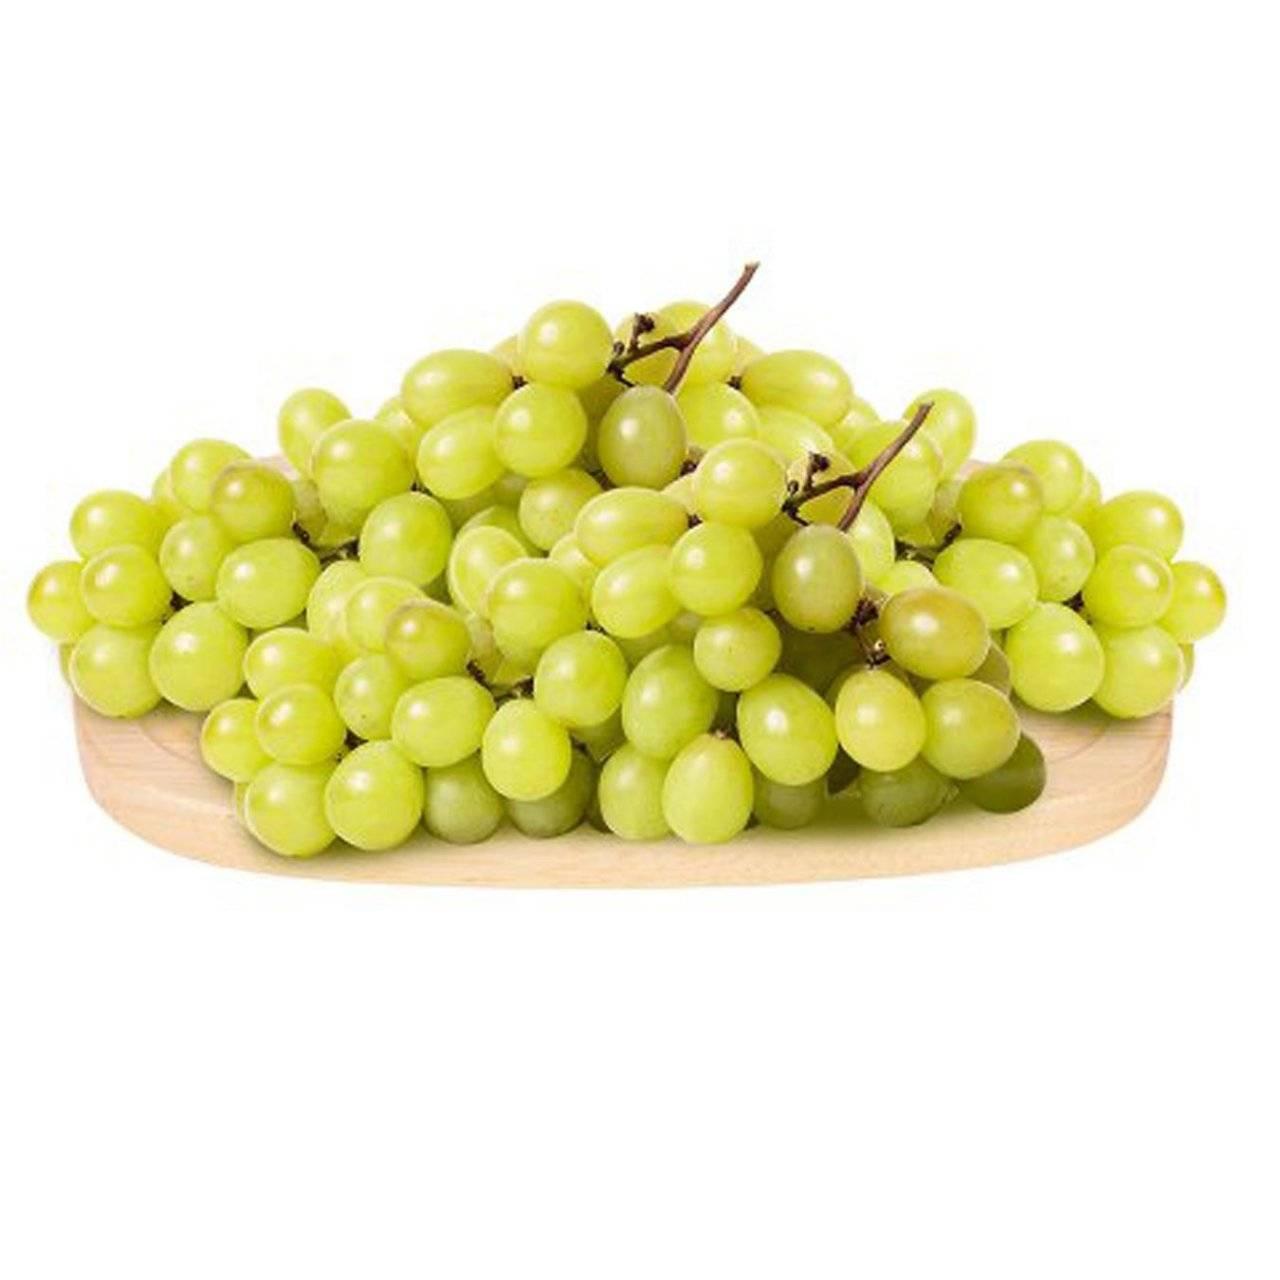 Как размножается виноград без косточек